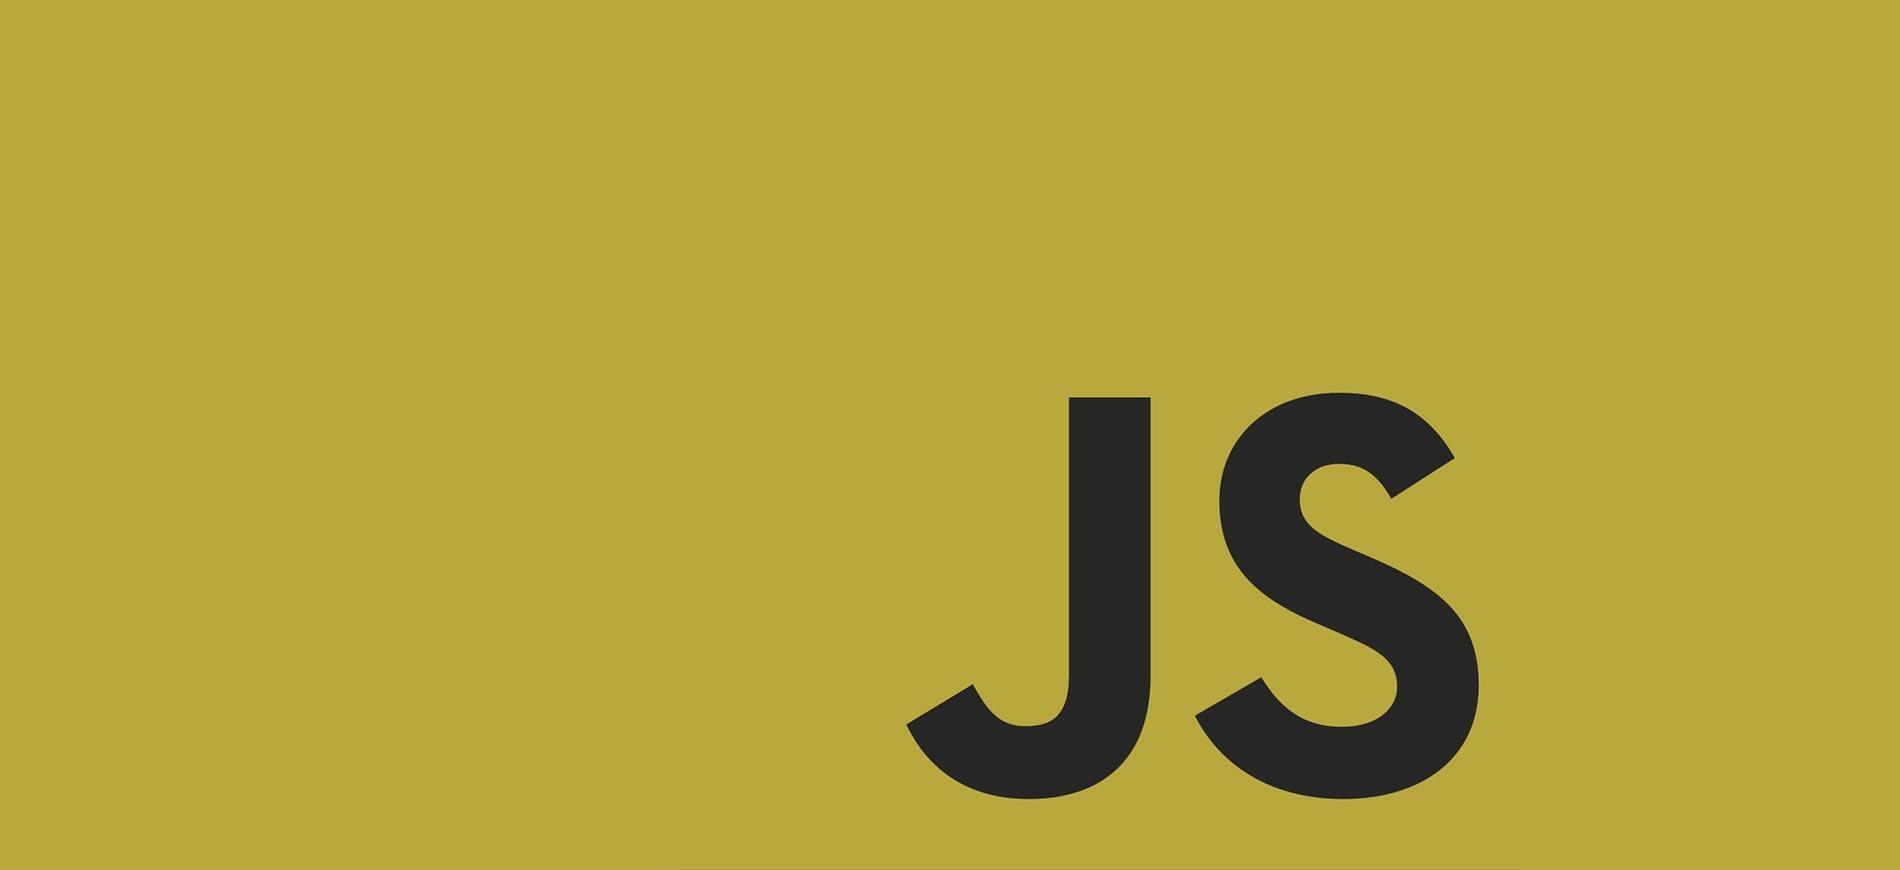 I don't know JS - 独家号